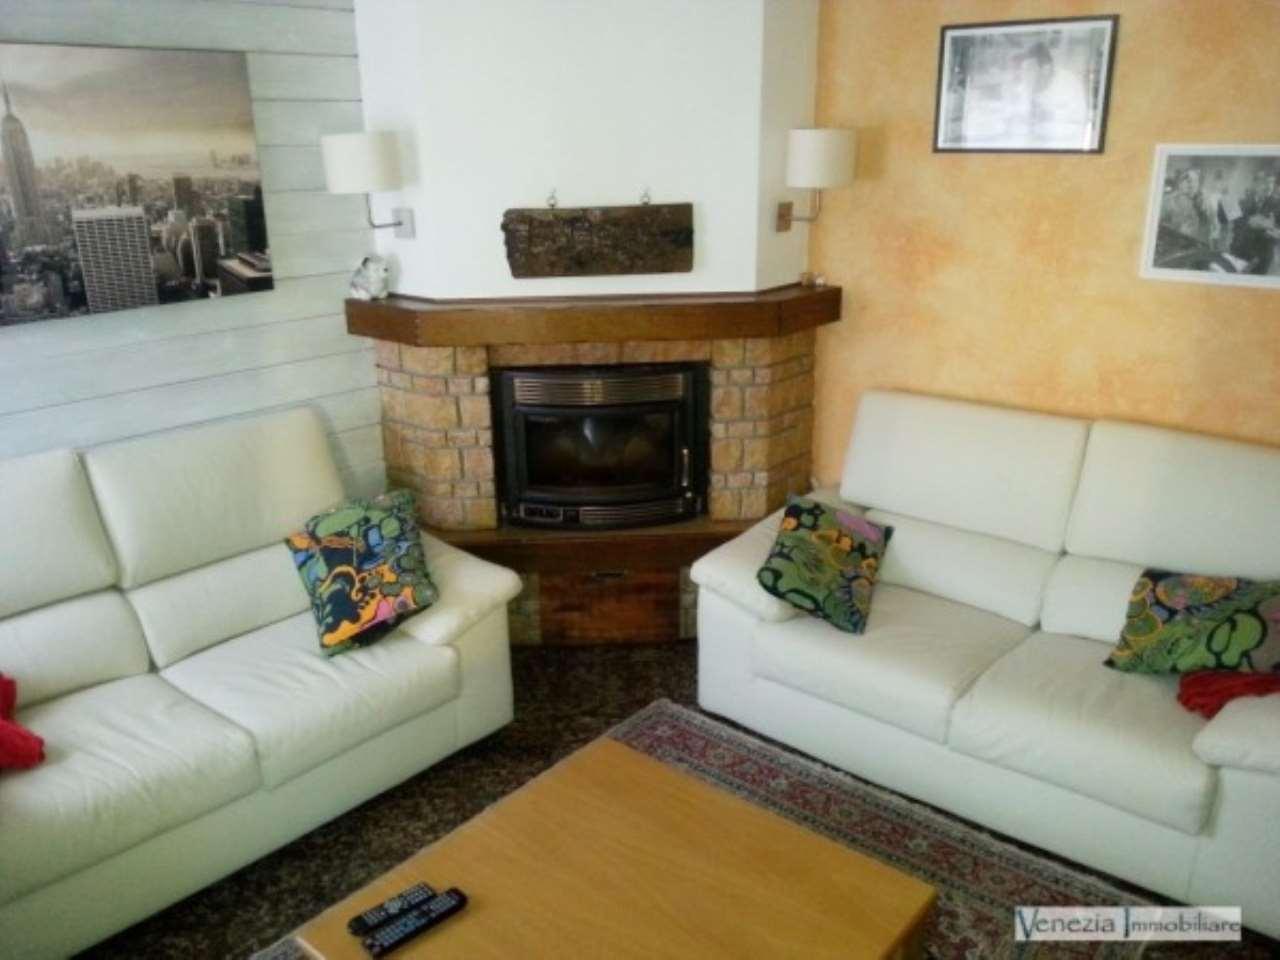 Attico / Mansarda in vendita a Chioggia, 4 locali, prezzo € 198.000 | Cambio Casa.it